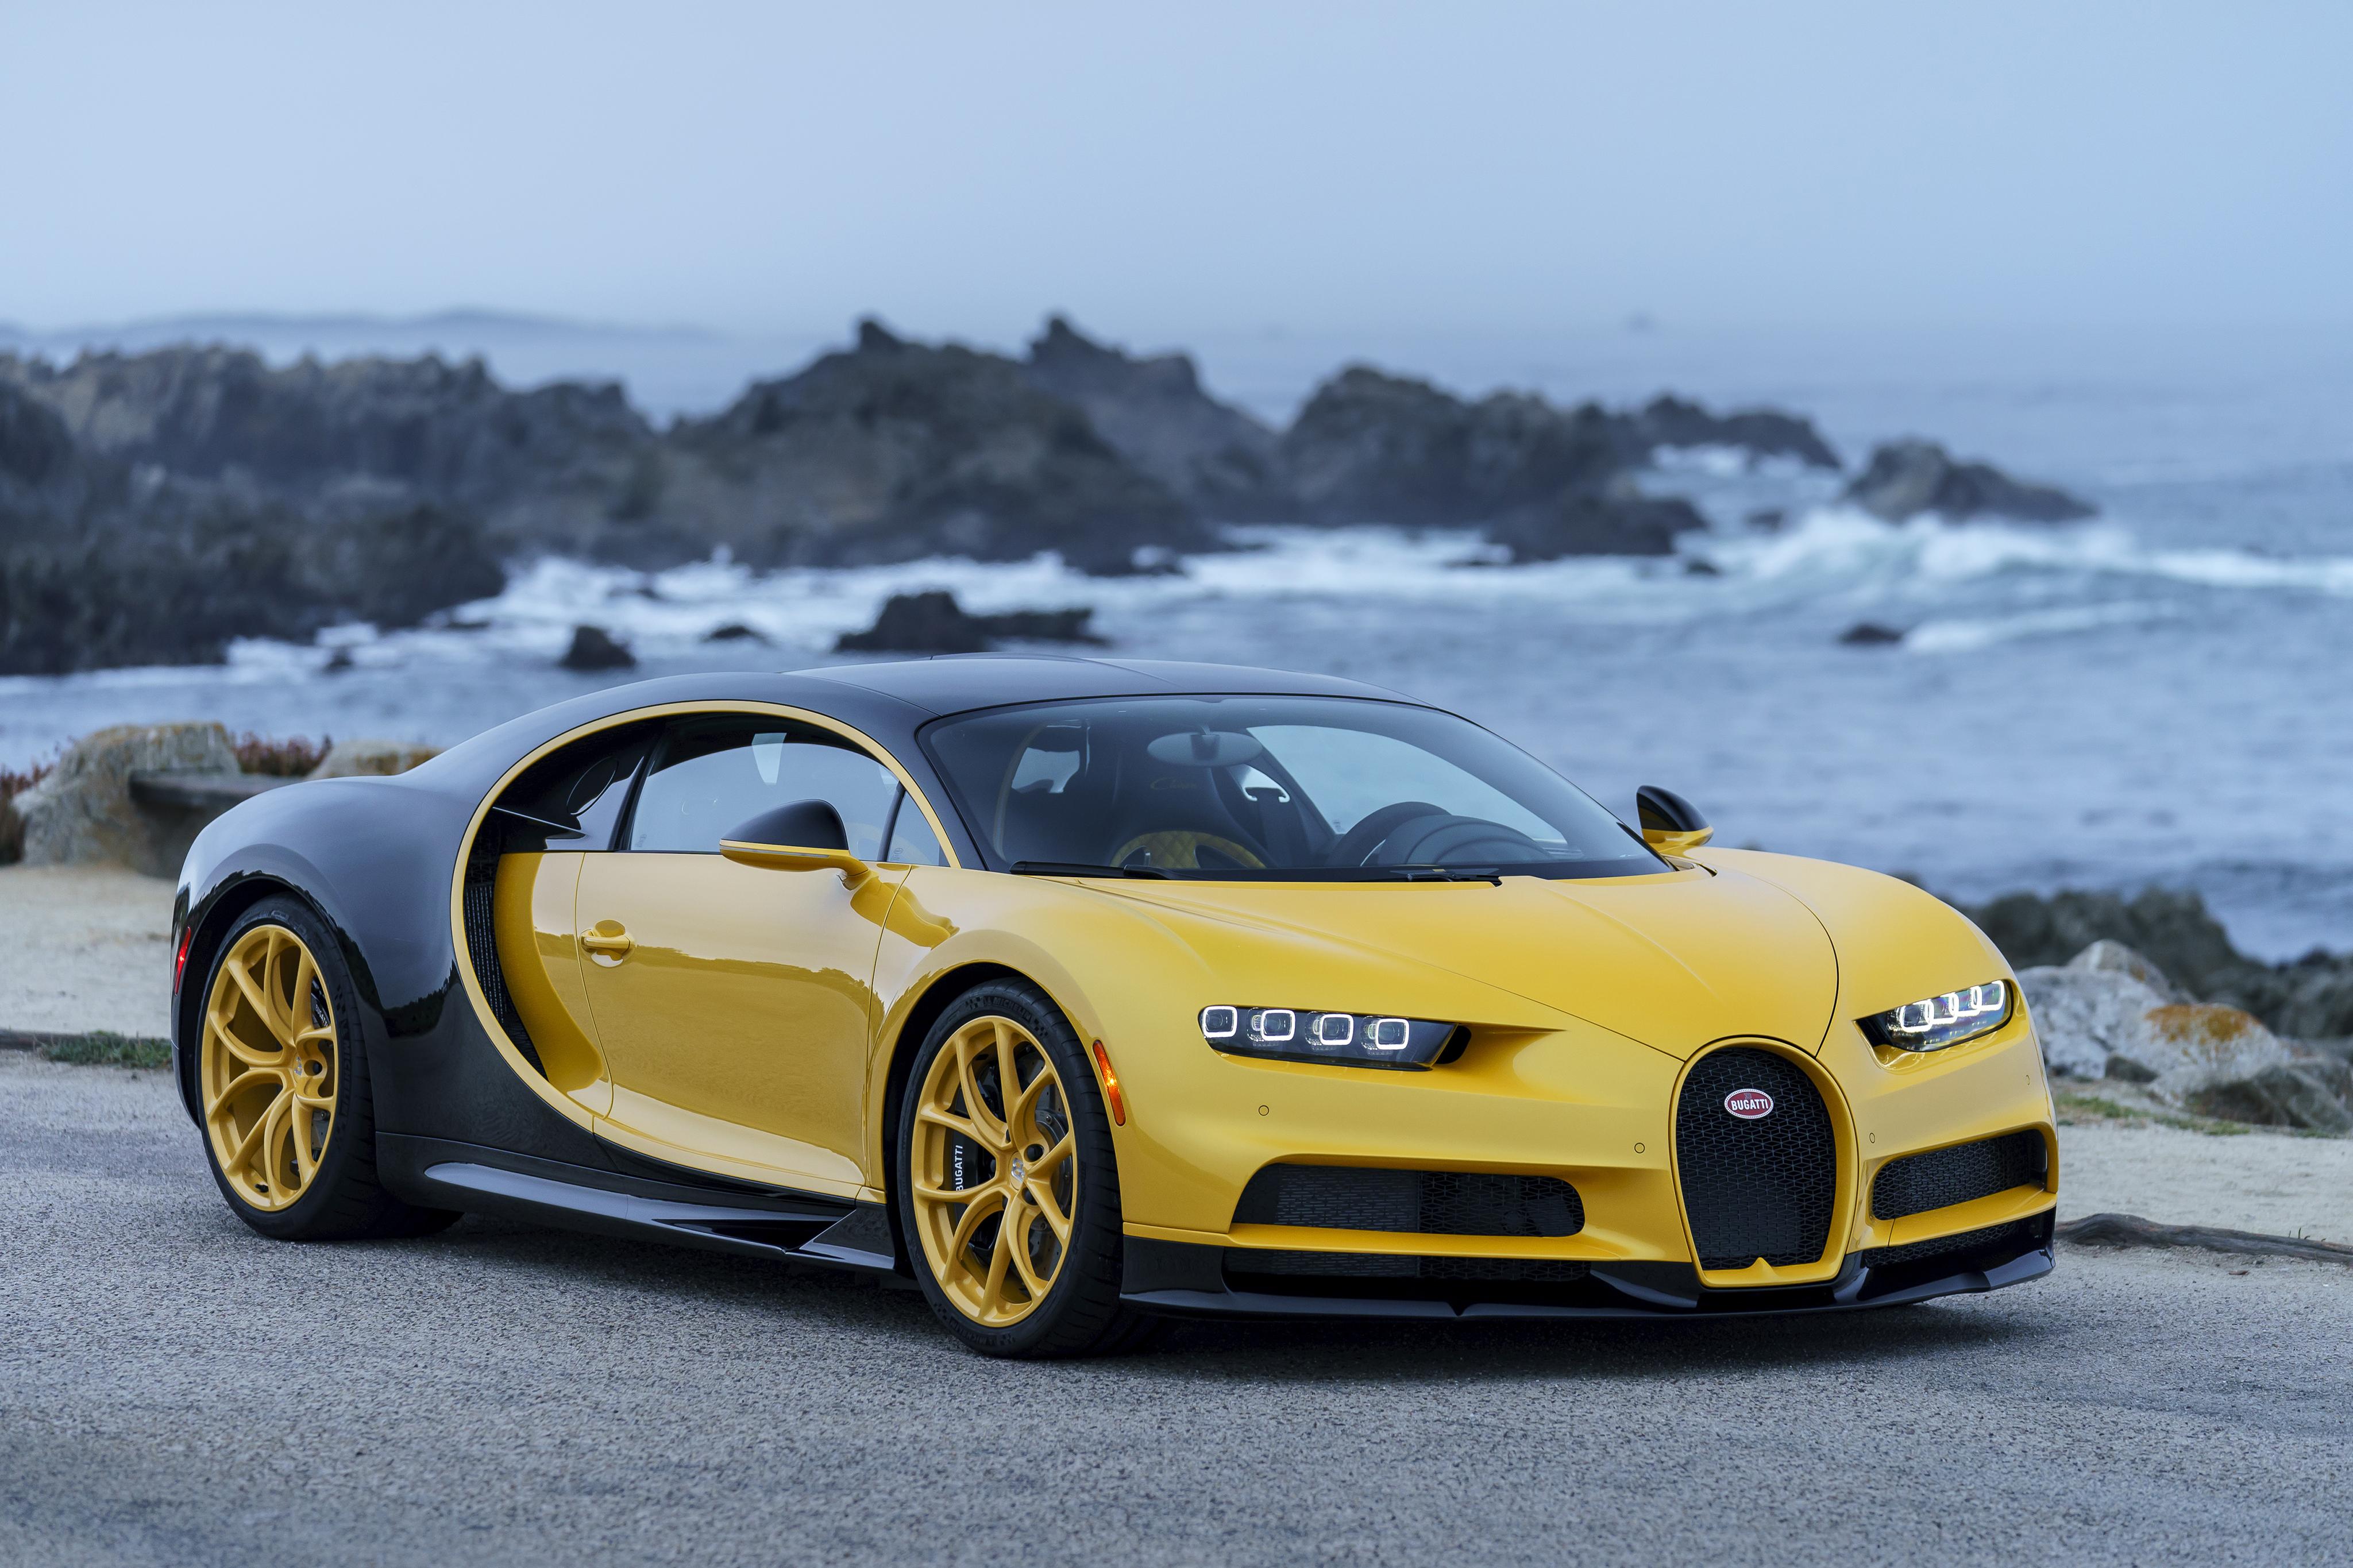 Bugatti Chiron 2018 Yellow And Black 4k Ultra Hd Wallpaper